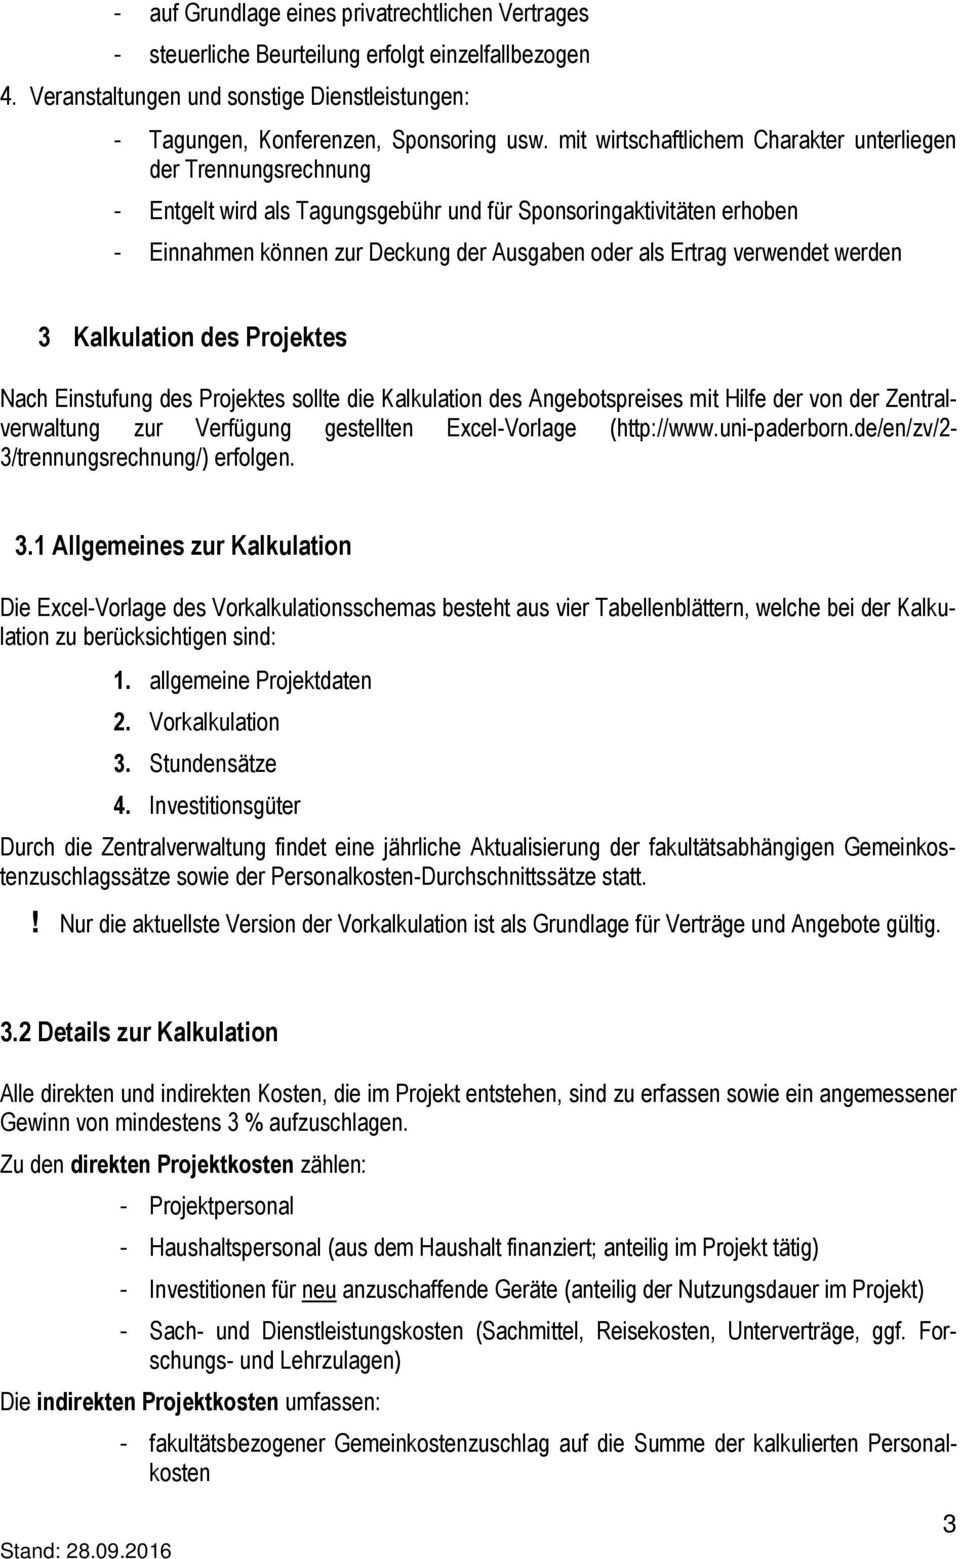 Merkblatt Zur Kalkulation Von Drittmittelprojekten Im Rahmen Der Trennungsrechnung Pdf Free Download